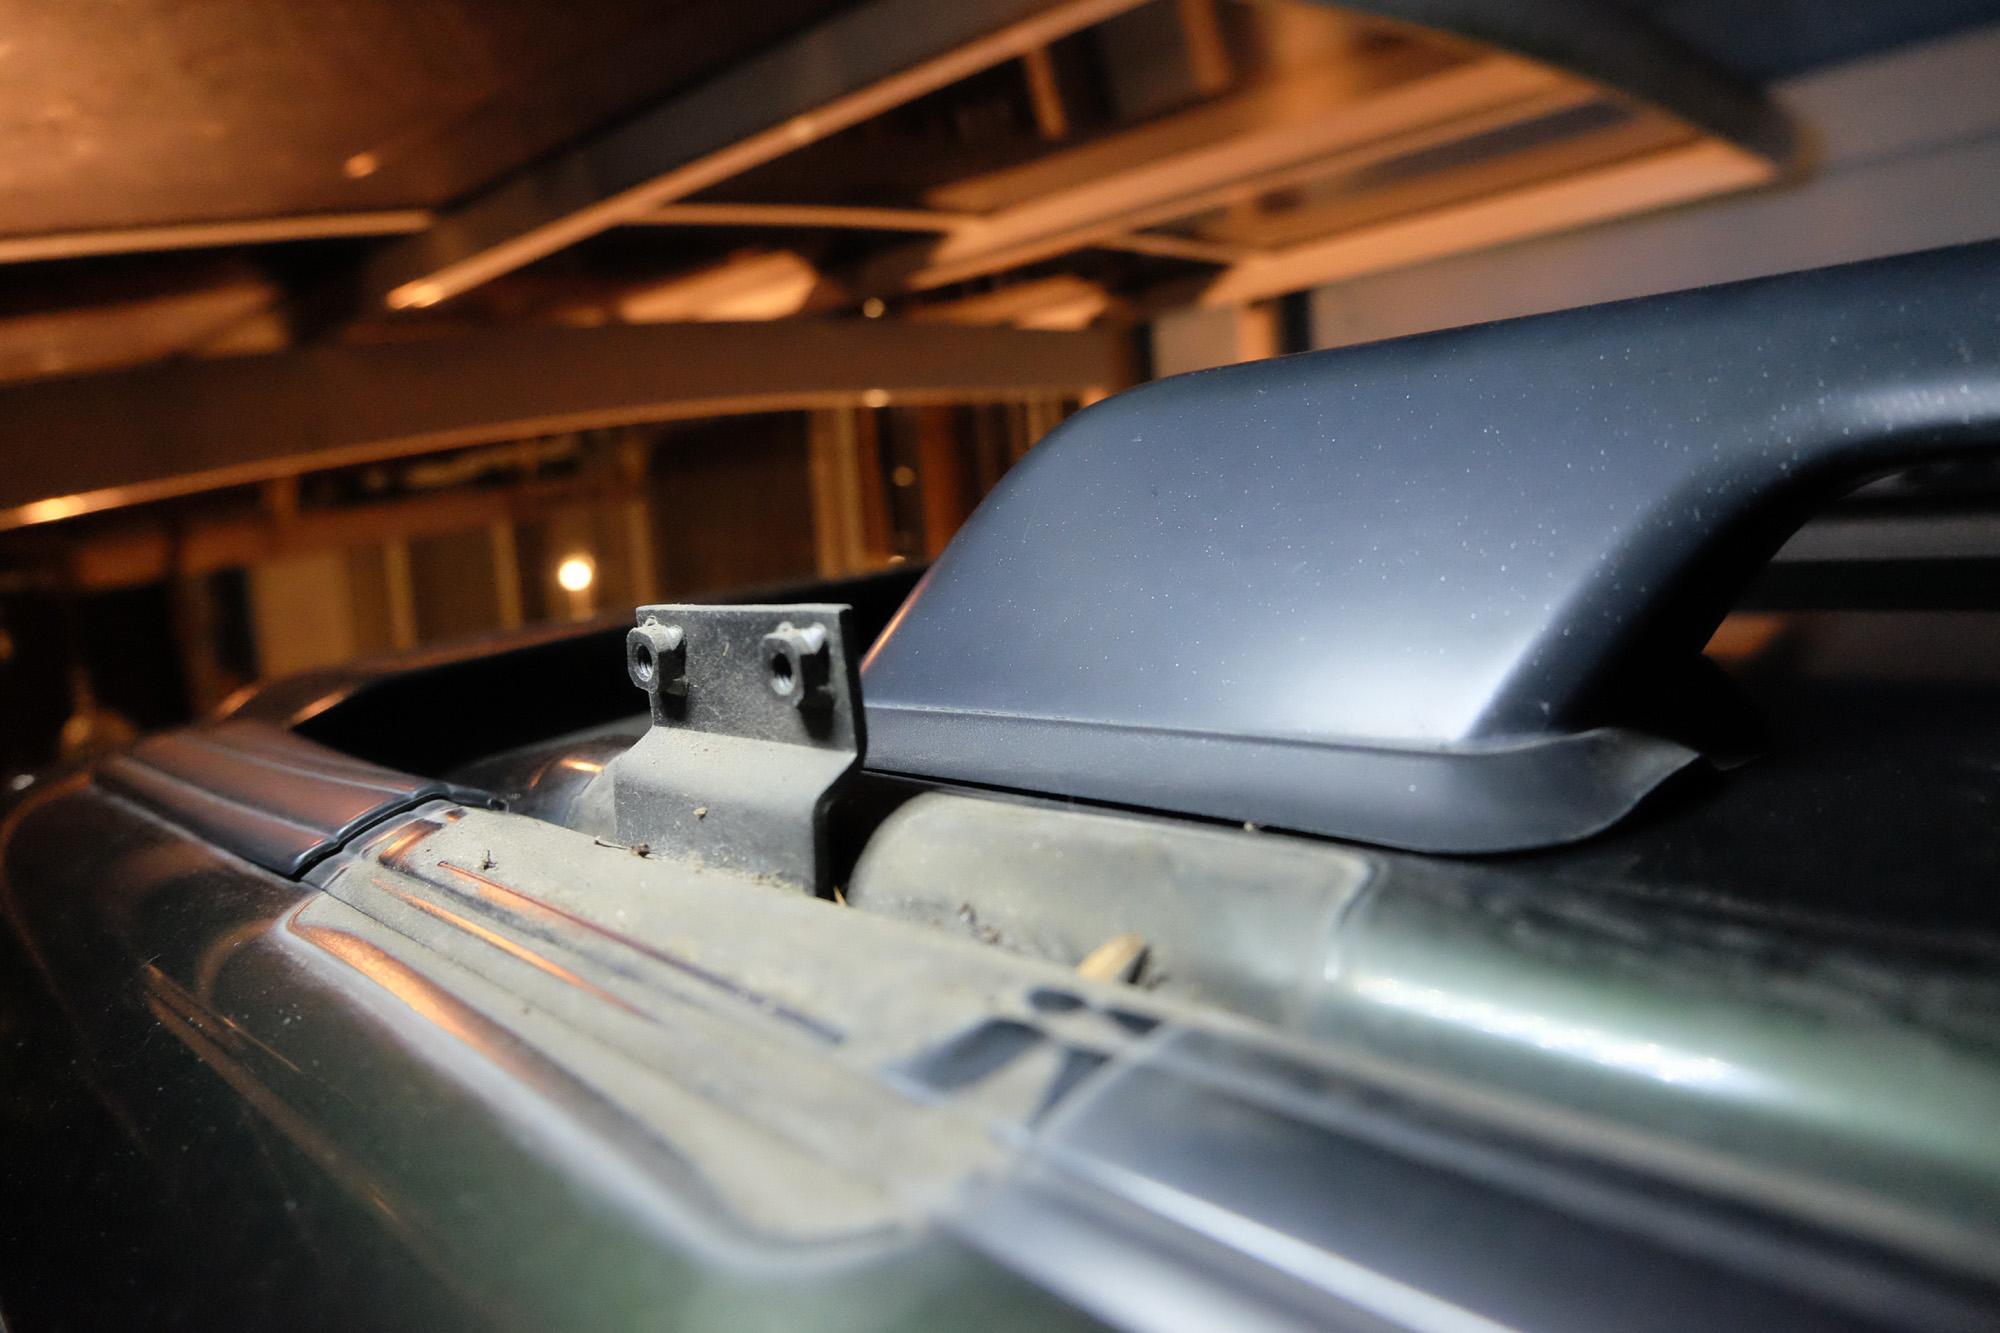 駐車場の高さ制限の為ルーフレールを取りました。 ISUZU UBS26GW ビッグホーン